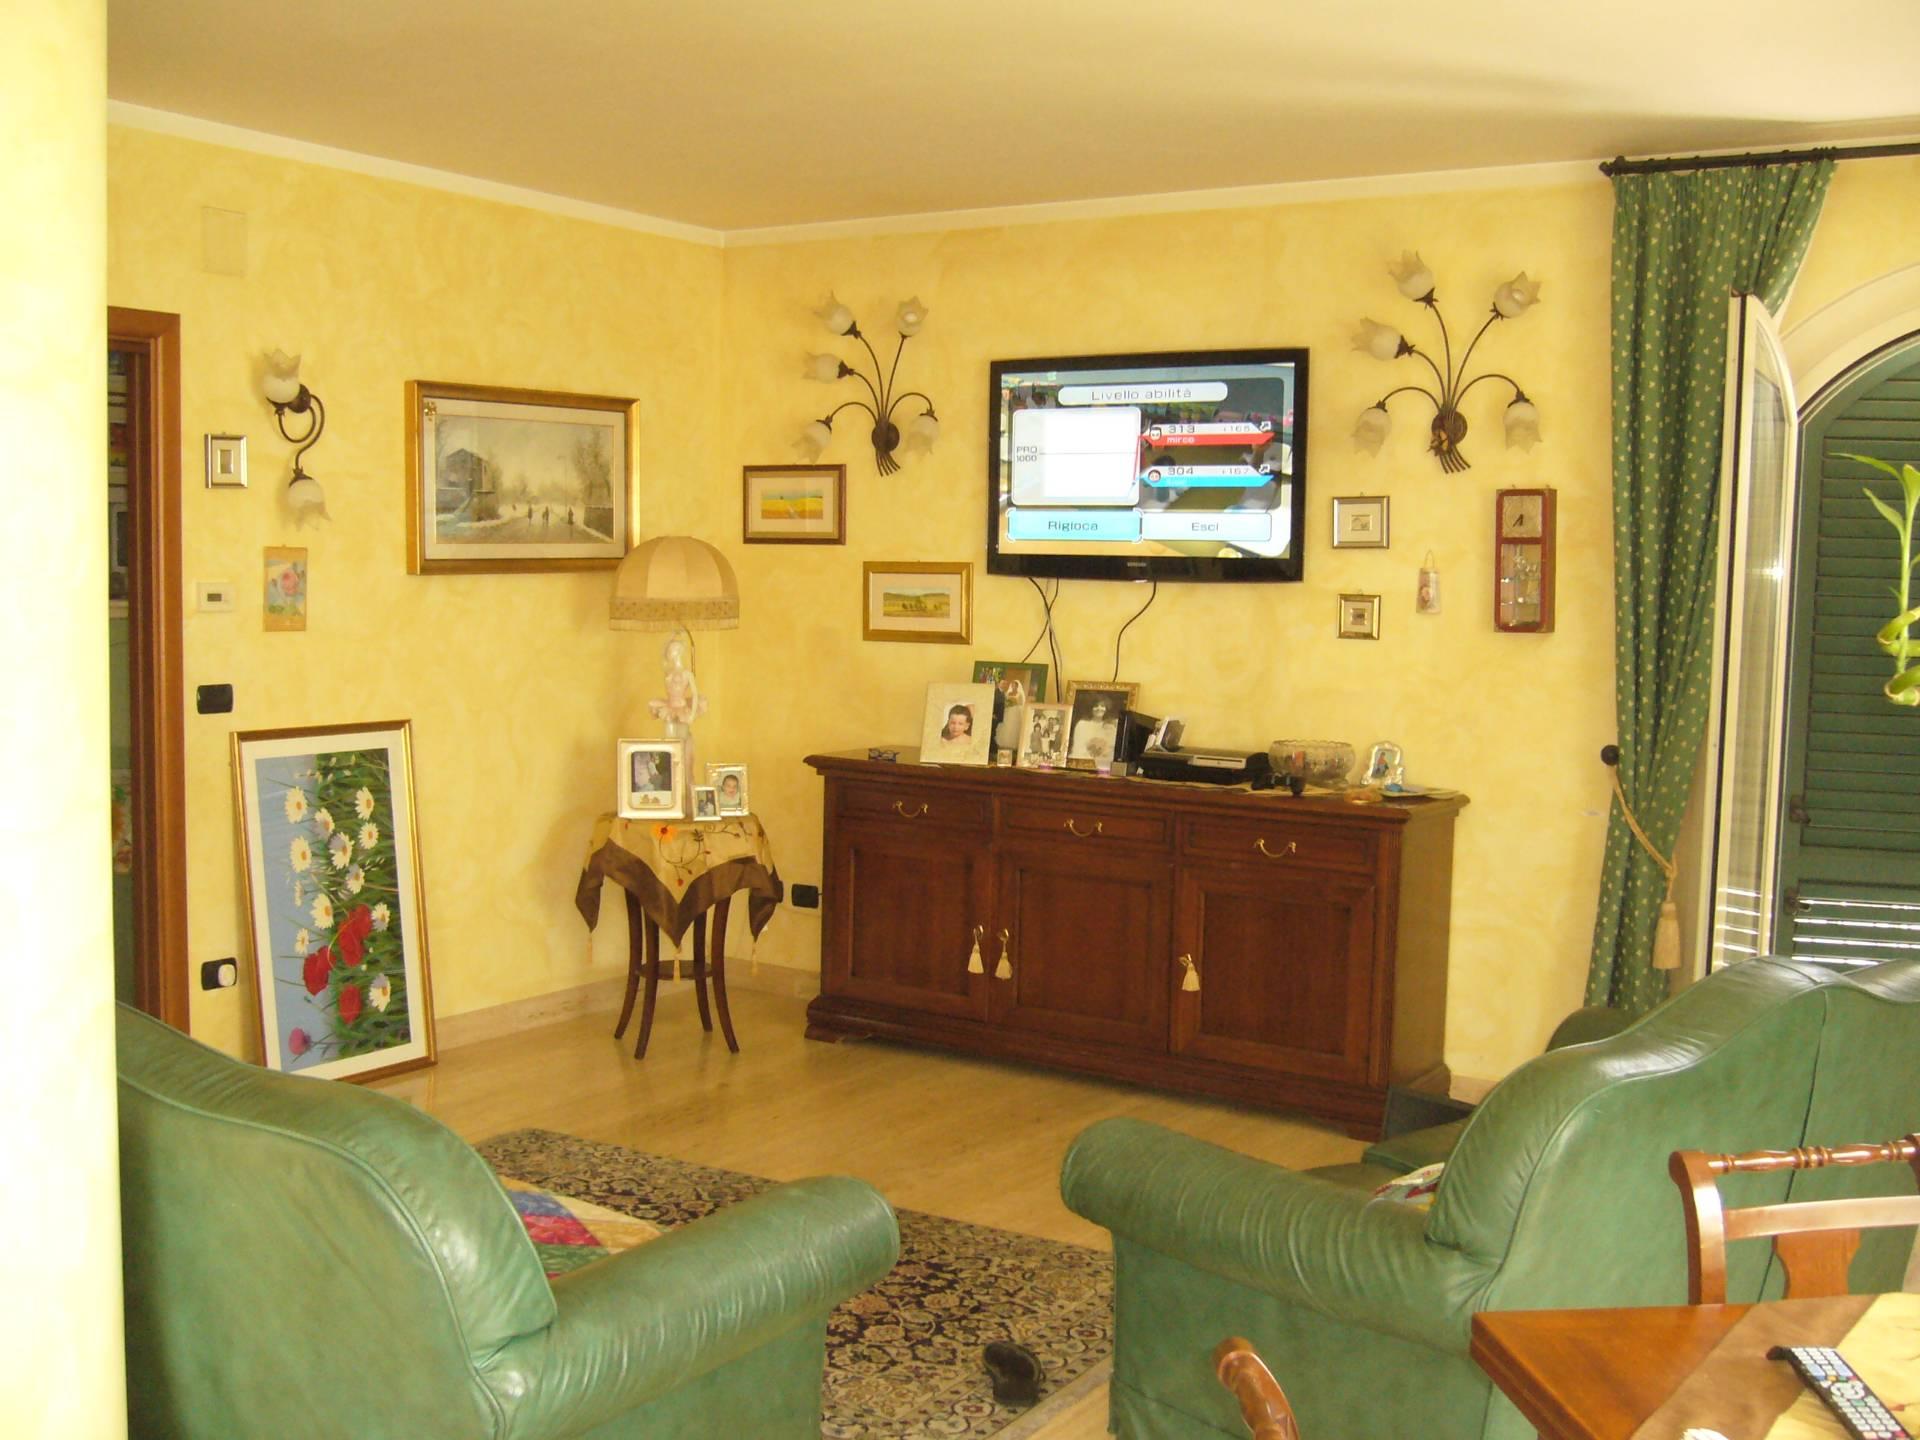 Soluzione Indipendente in vendita a San Benedetto del Tronto, 9 locali, zona Località: PortodAscoli, Trattative riservate | Cambio Casa.it